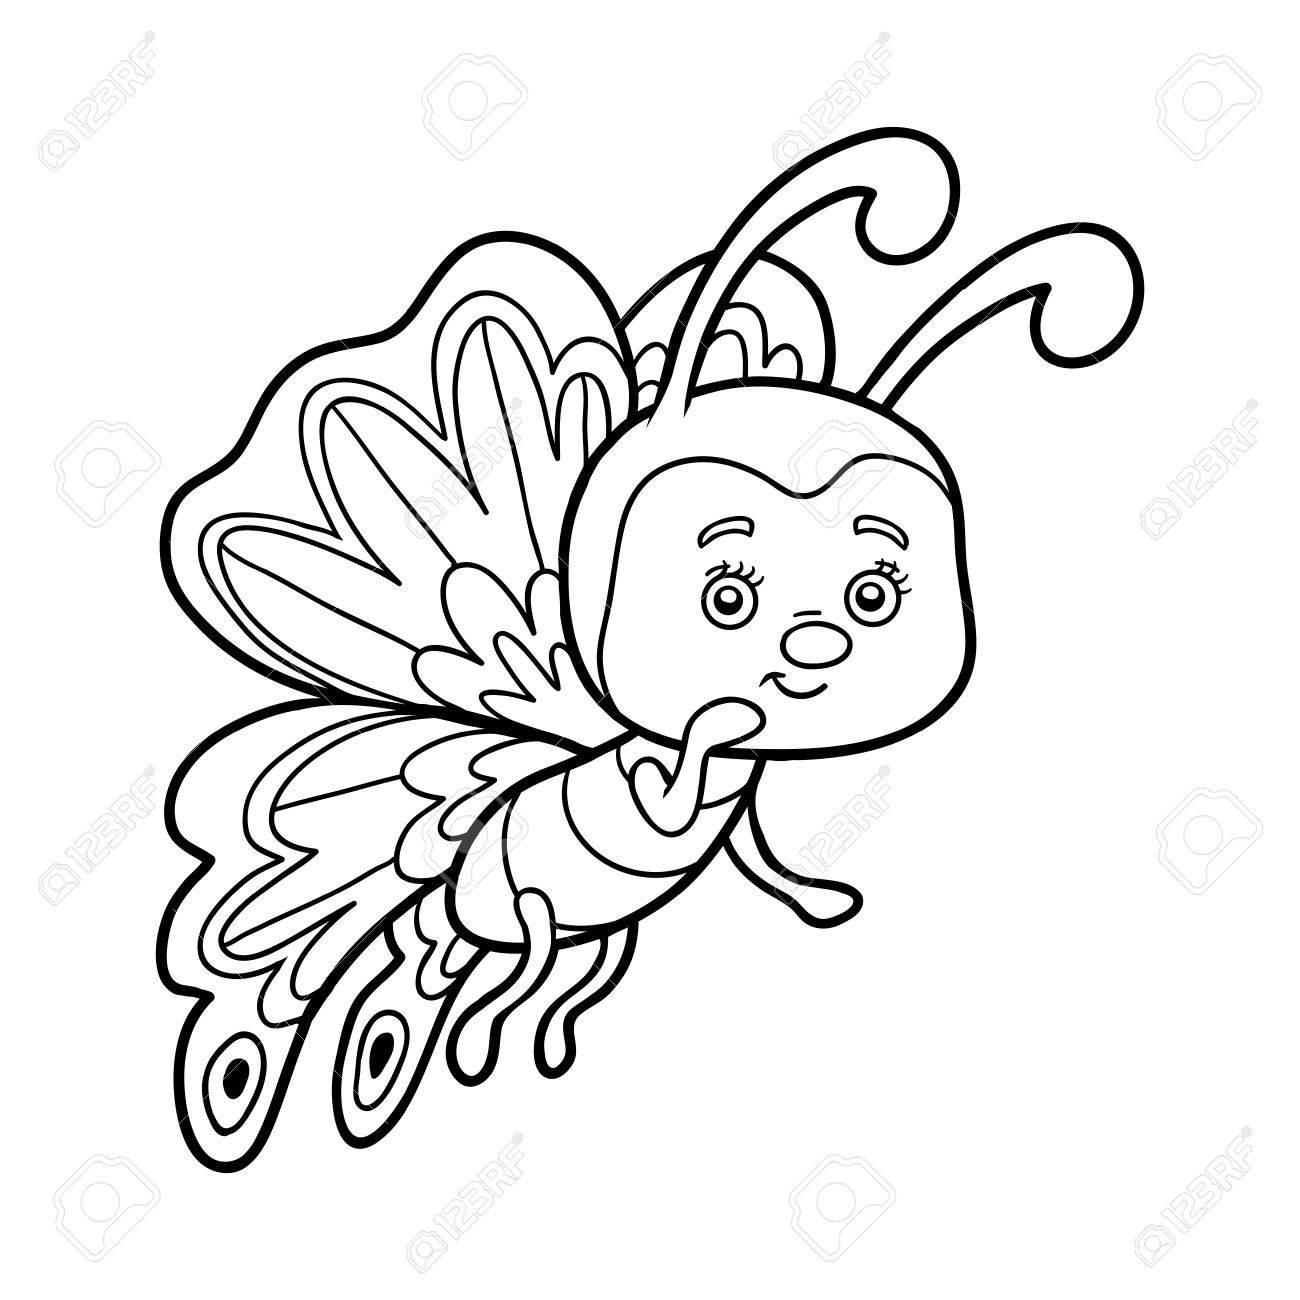 蝶の子供のための塗り絵のイラスト素材ベクタ Image 62153610